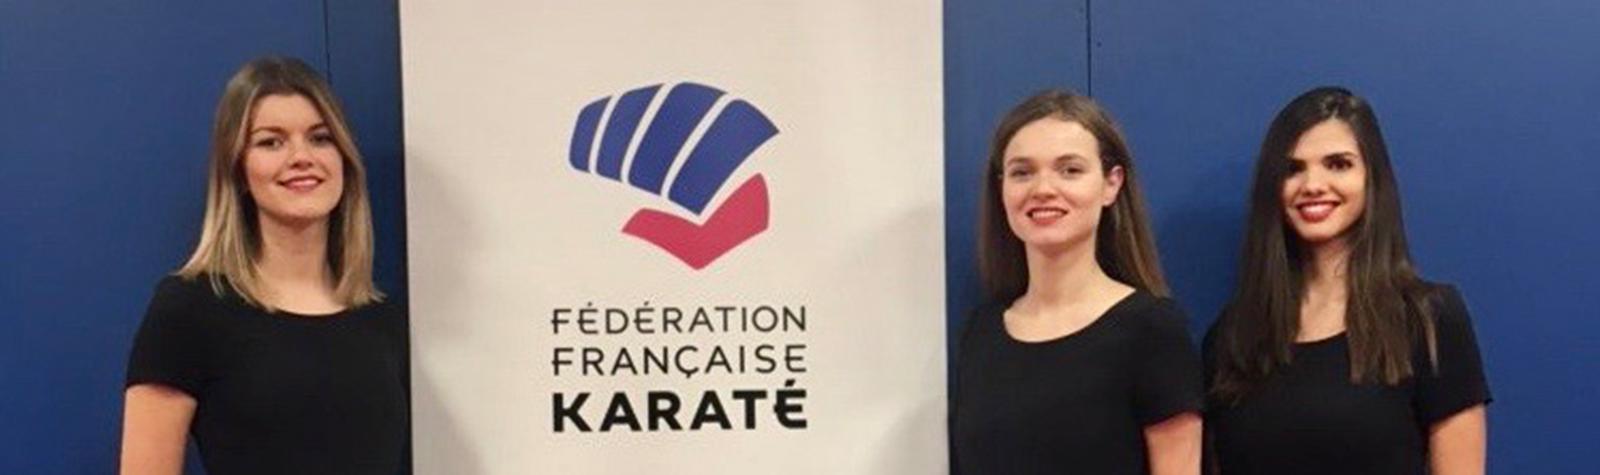 Remise de médailles à l'Open de Karaté